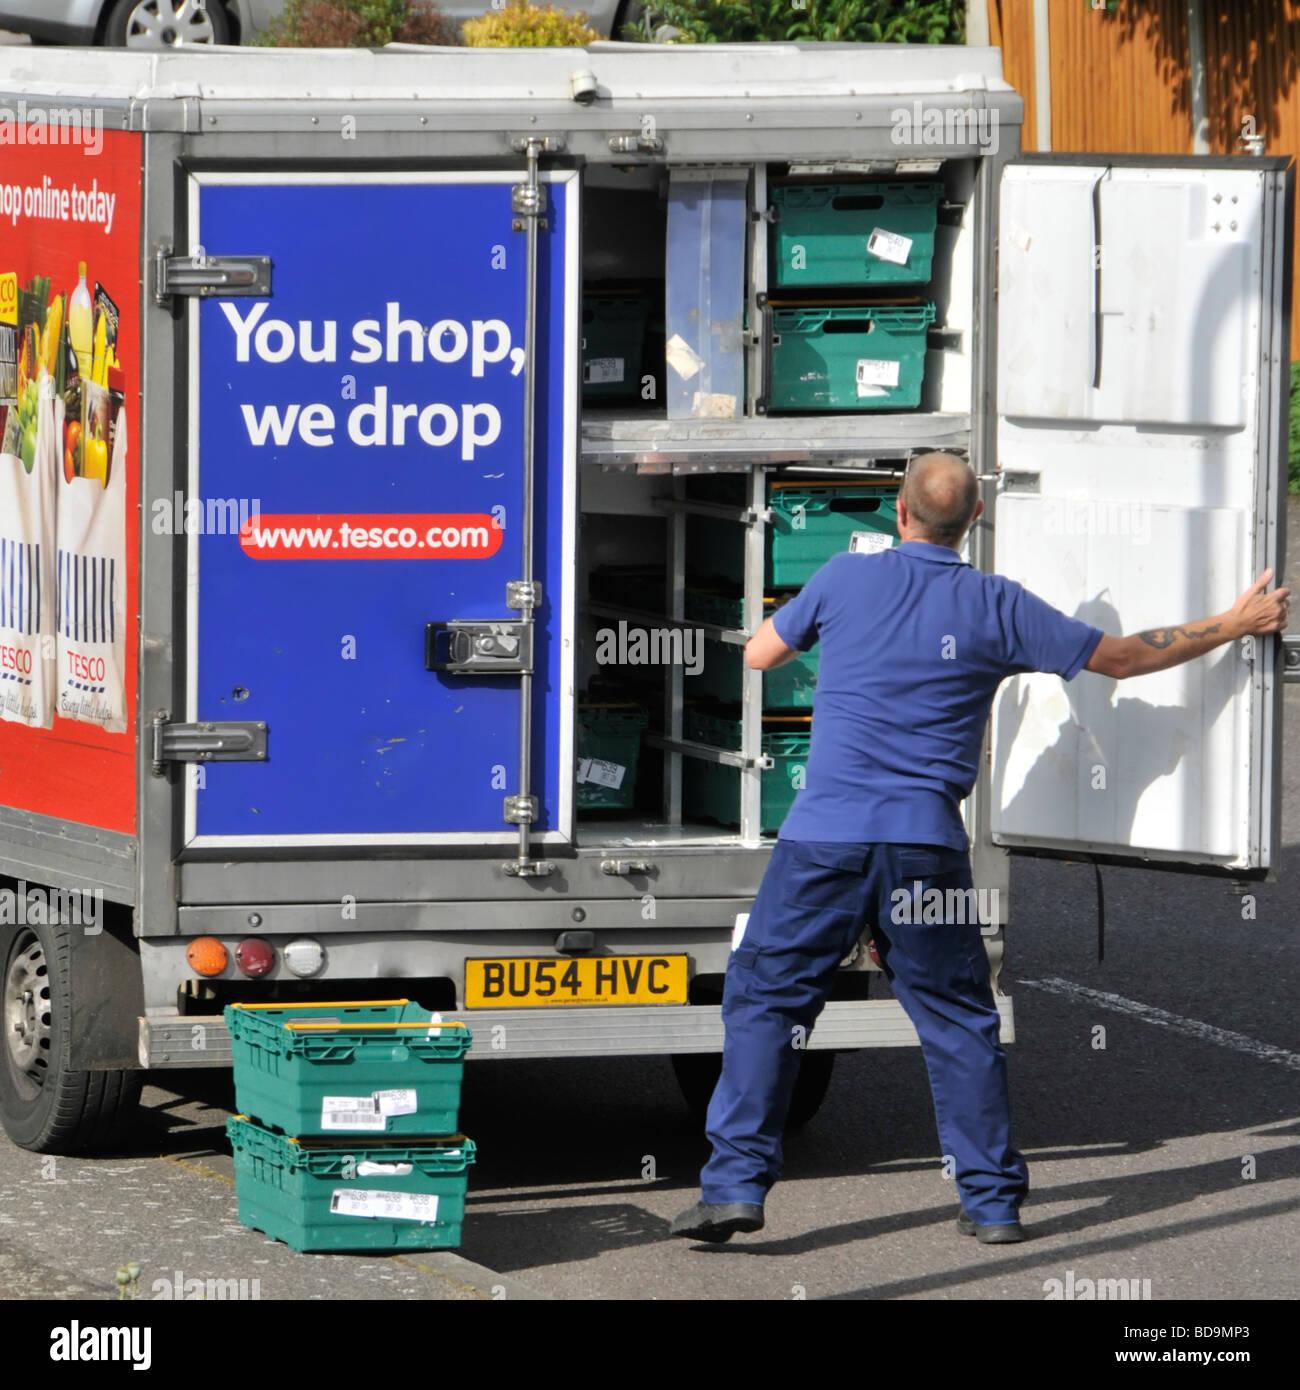 Tesco supermarket online internet food shopping delivery van